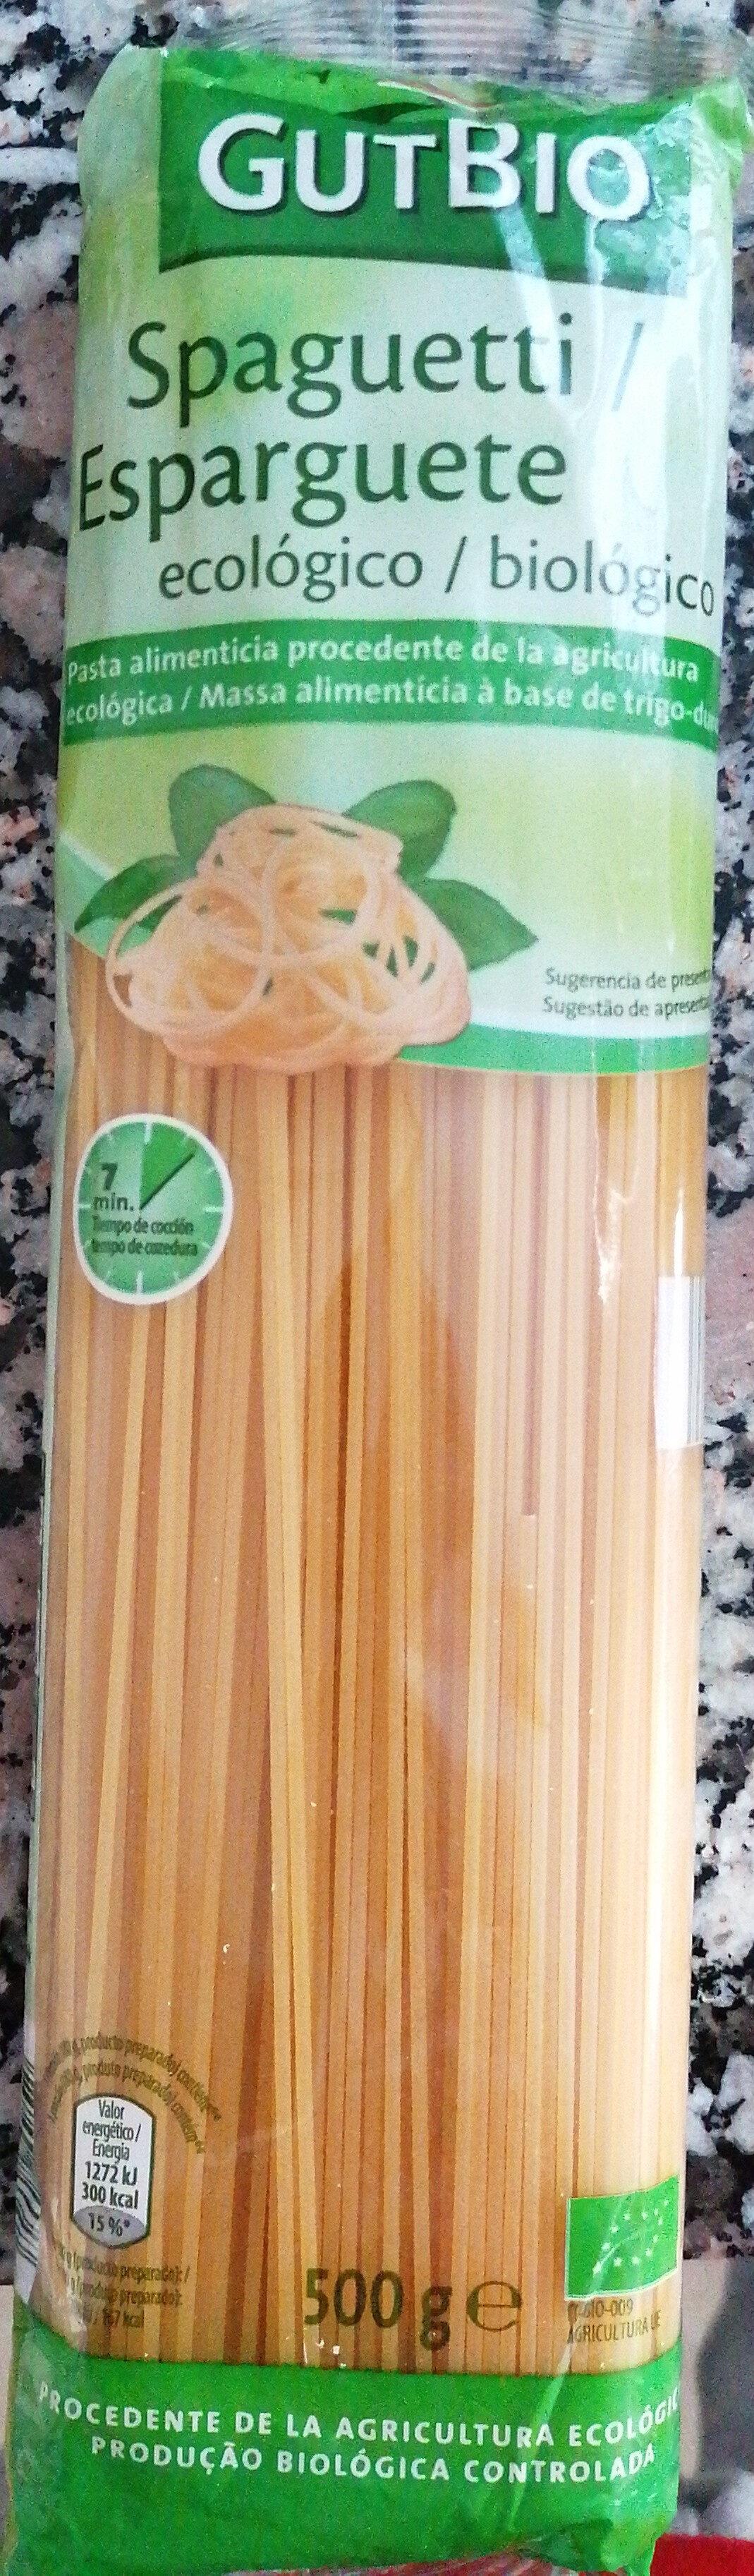 Spaghetti ecologico - Produit - es